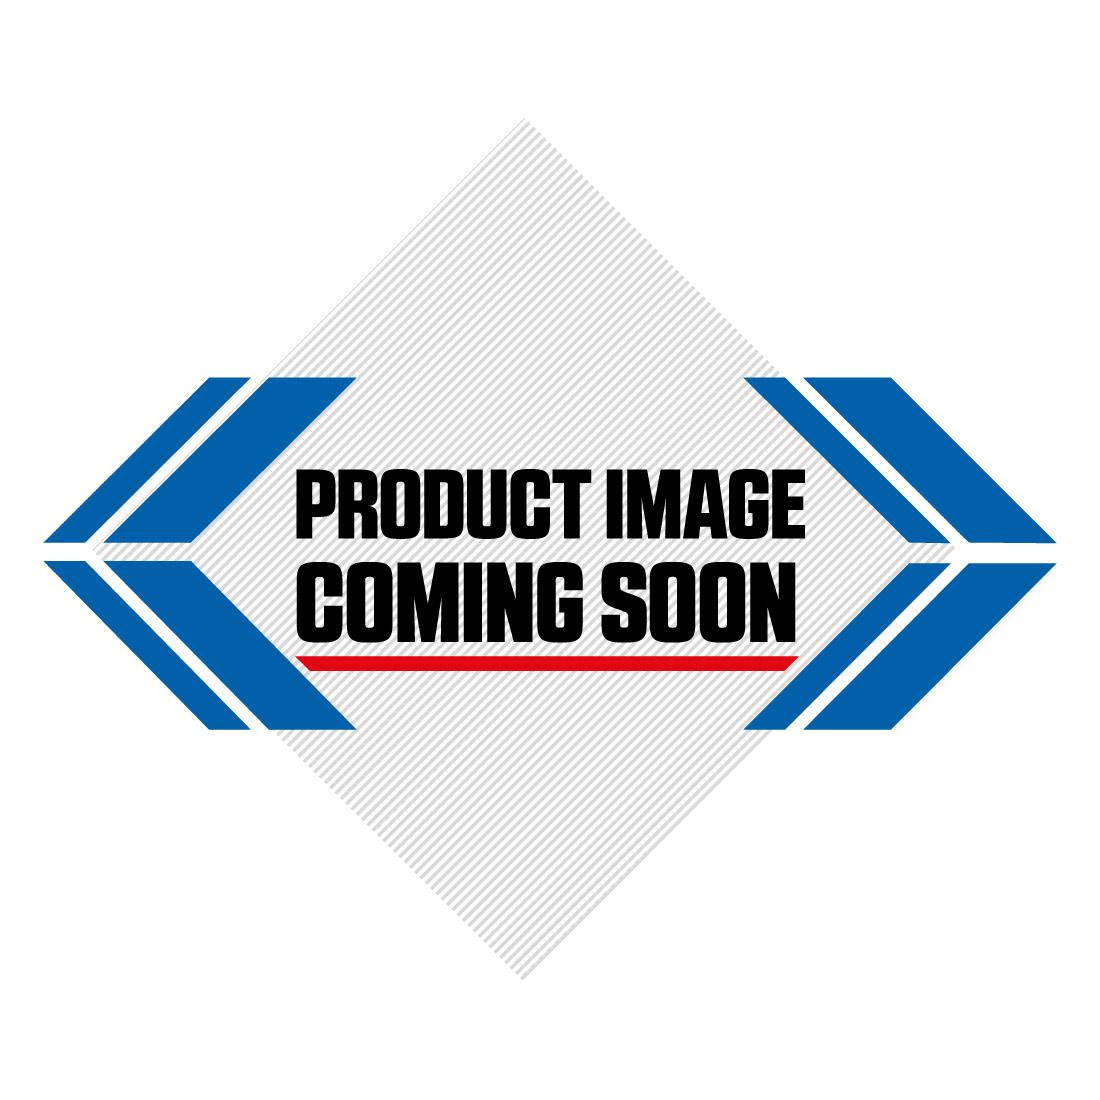 UFO Plastic Kit Husqvarna OEM Factory Image-5>